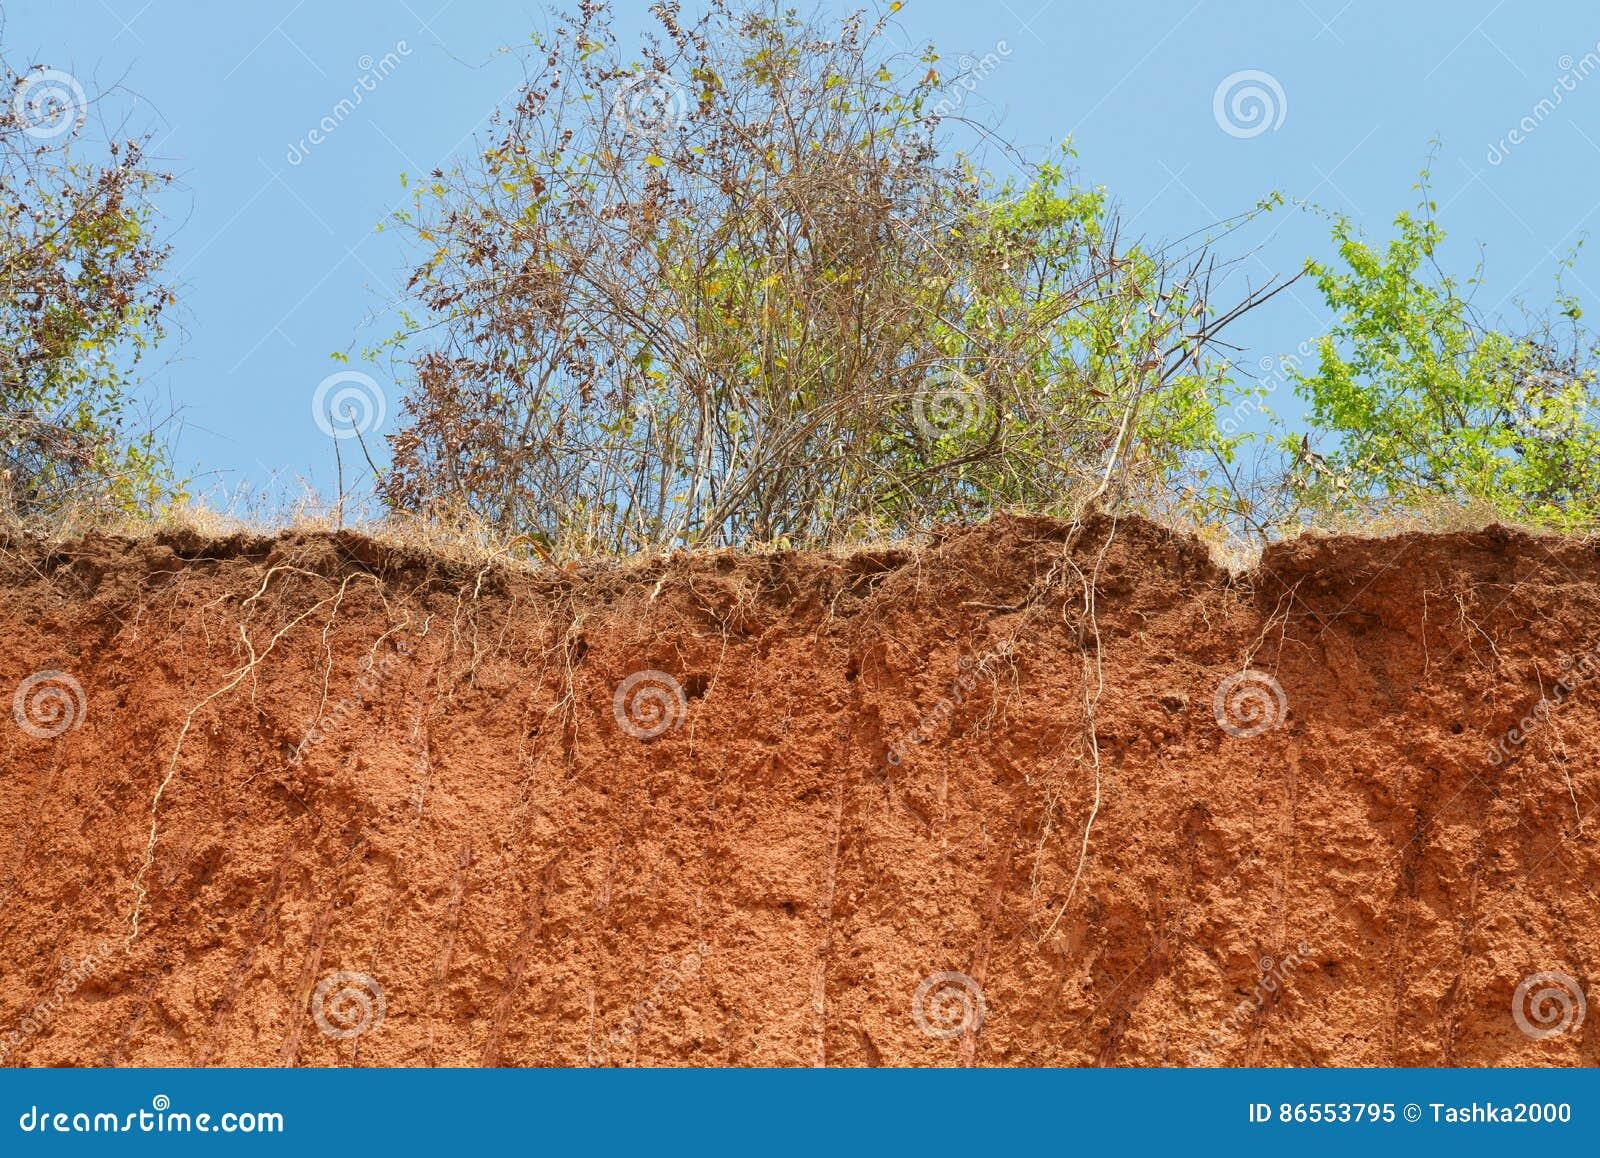 土壤层状裁减